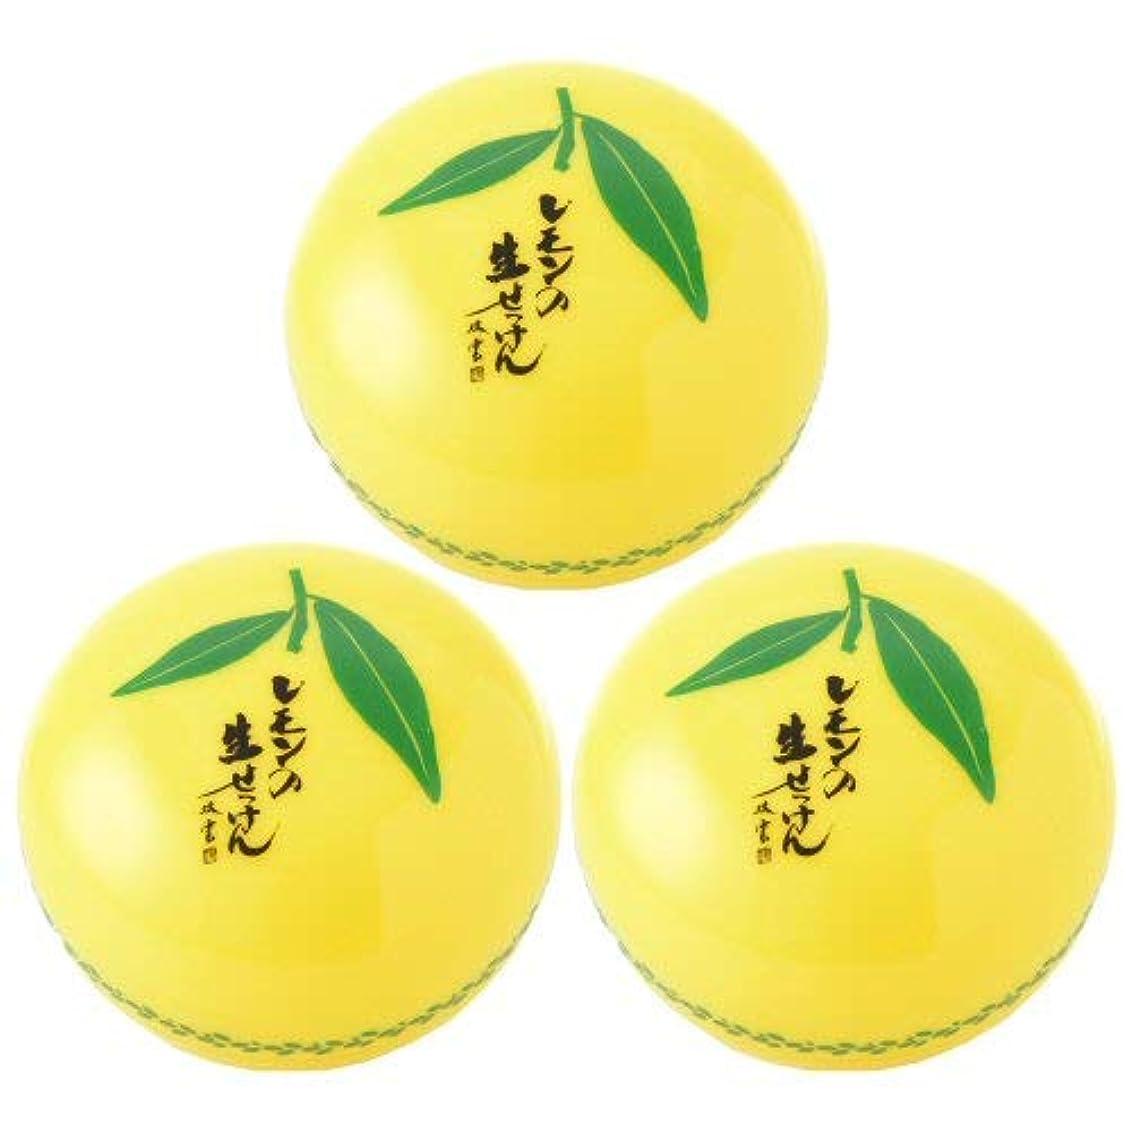 テラス消毒剤付添人UYEKI美香柑レモンの生せっけん120g×3個セット